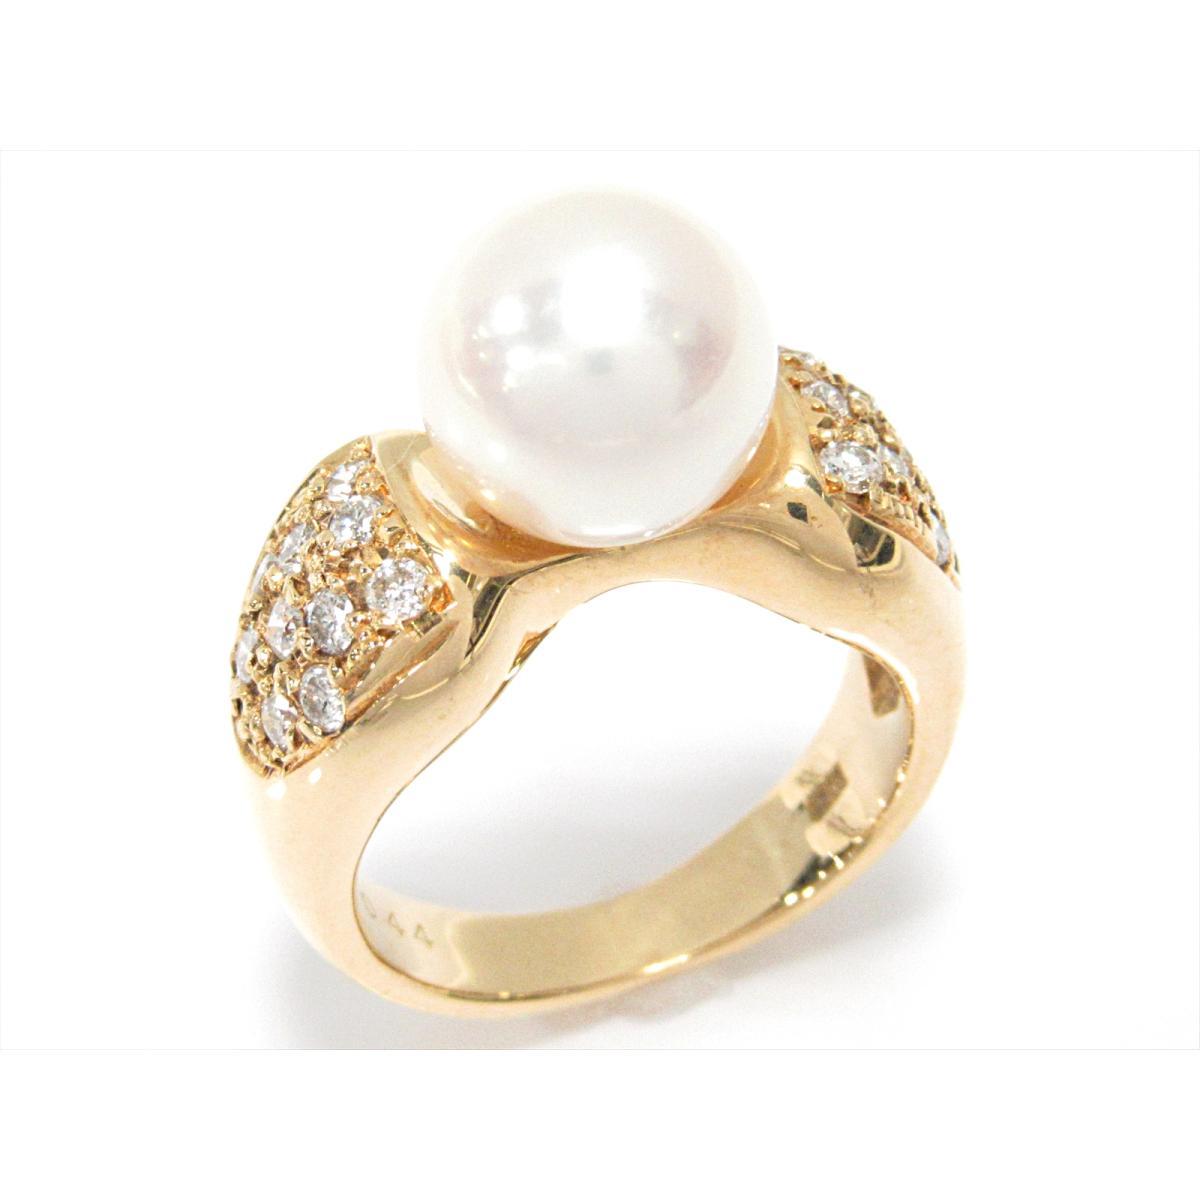 【中古】 ジュエリー パールリング 指輪 レディース K18YG (750) イエローゴールド x パール x ダイヤモンド (0.44ct) | JEWELRY リング K18 18K 18金 リング 美品 ブランドオフ BRANDOFF